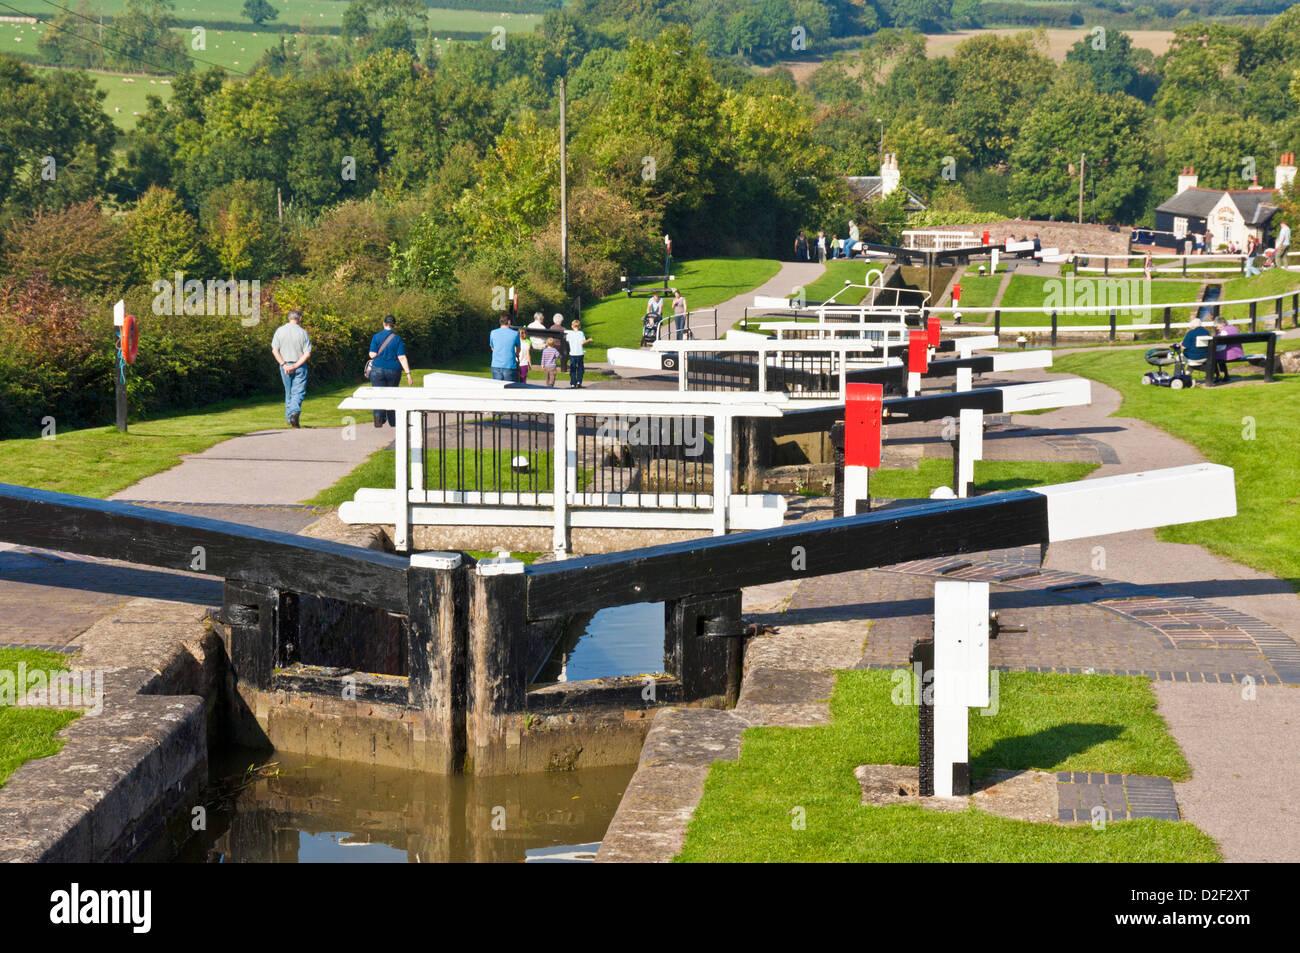 Vol historique de verrous à Foxton locks sur le Grand Union canal Leicestershire Angleterre UK GB EU Europe Banque D'Images